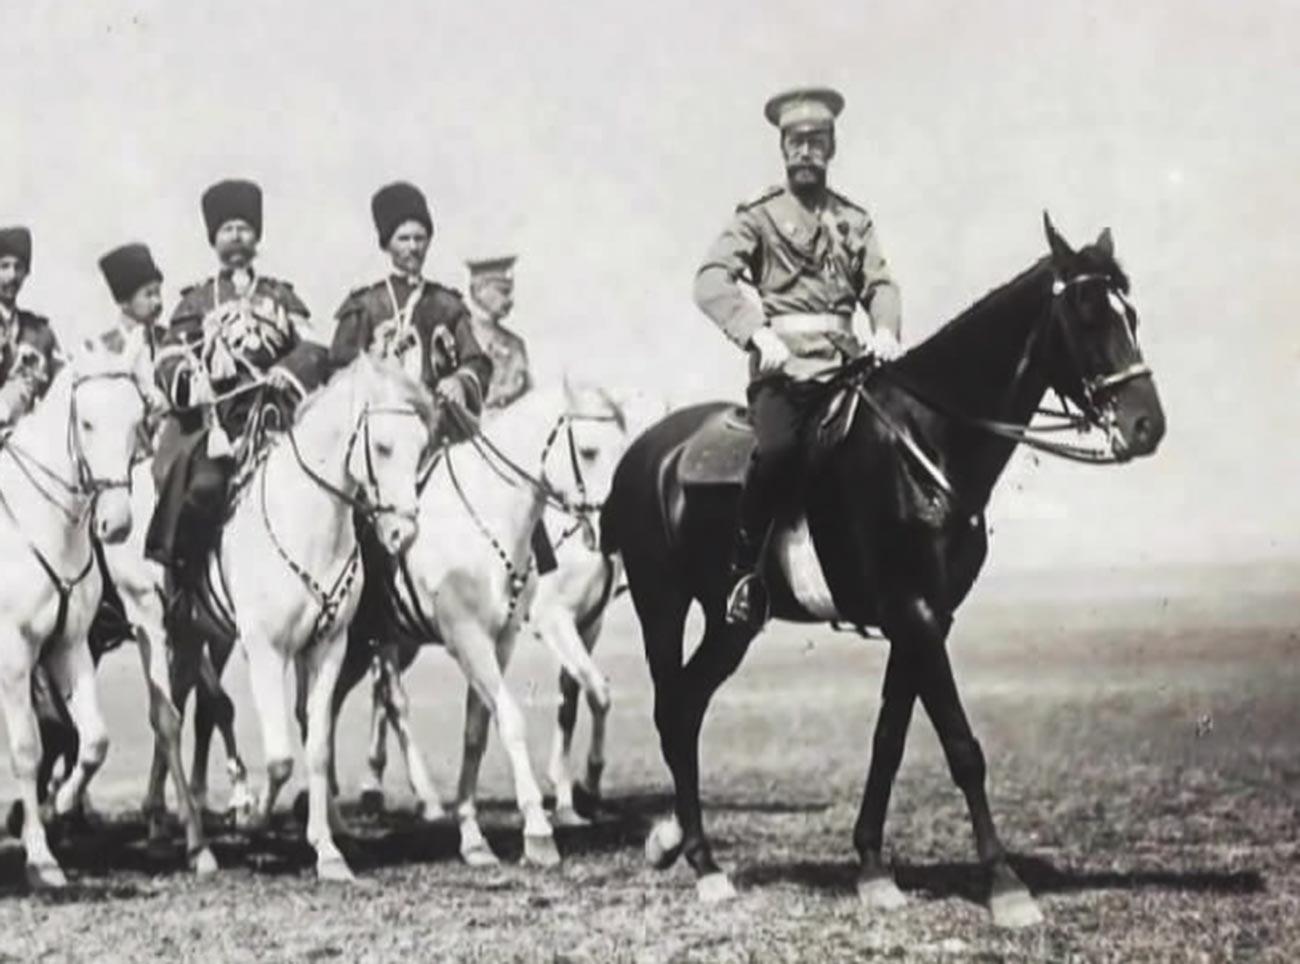 ニコライ2世とコサック部隊